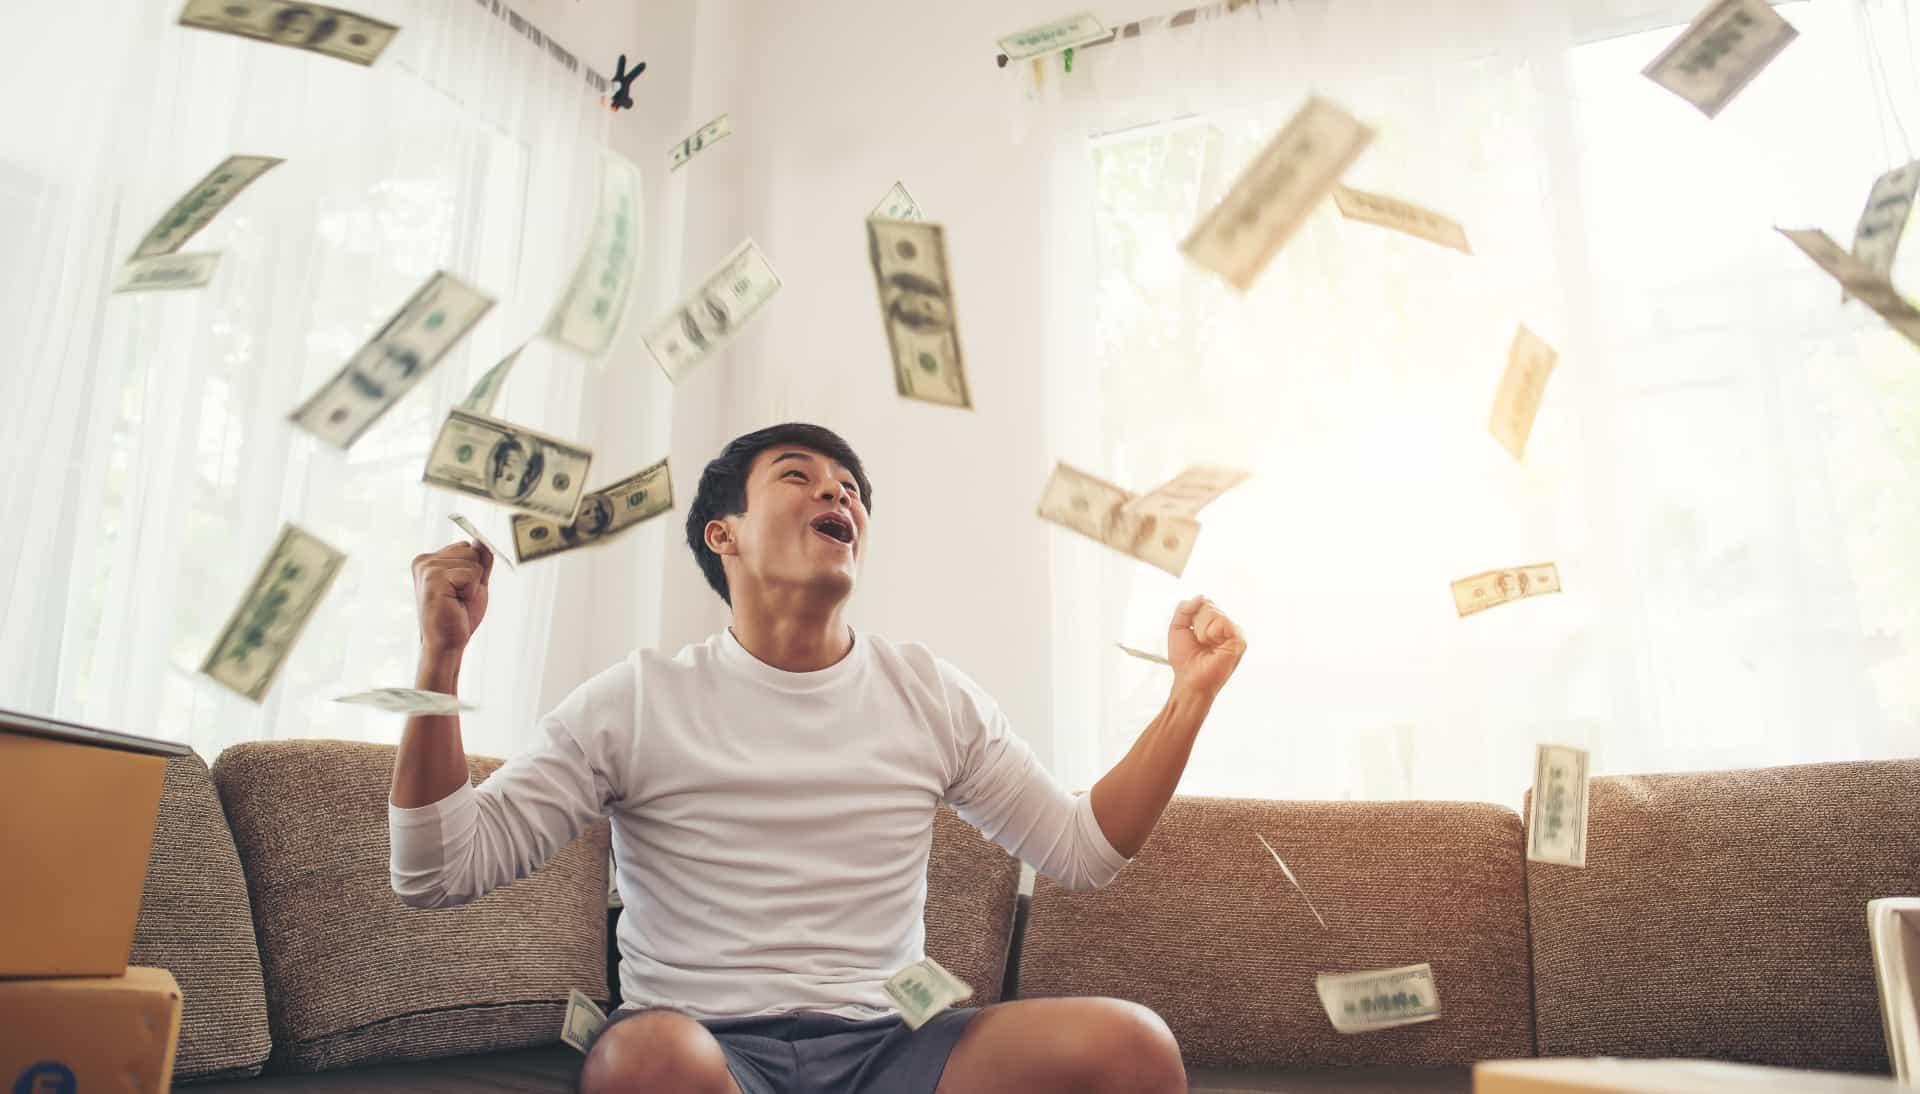 Je li sreća u bogatstvu i raskošnom životu?